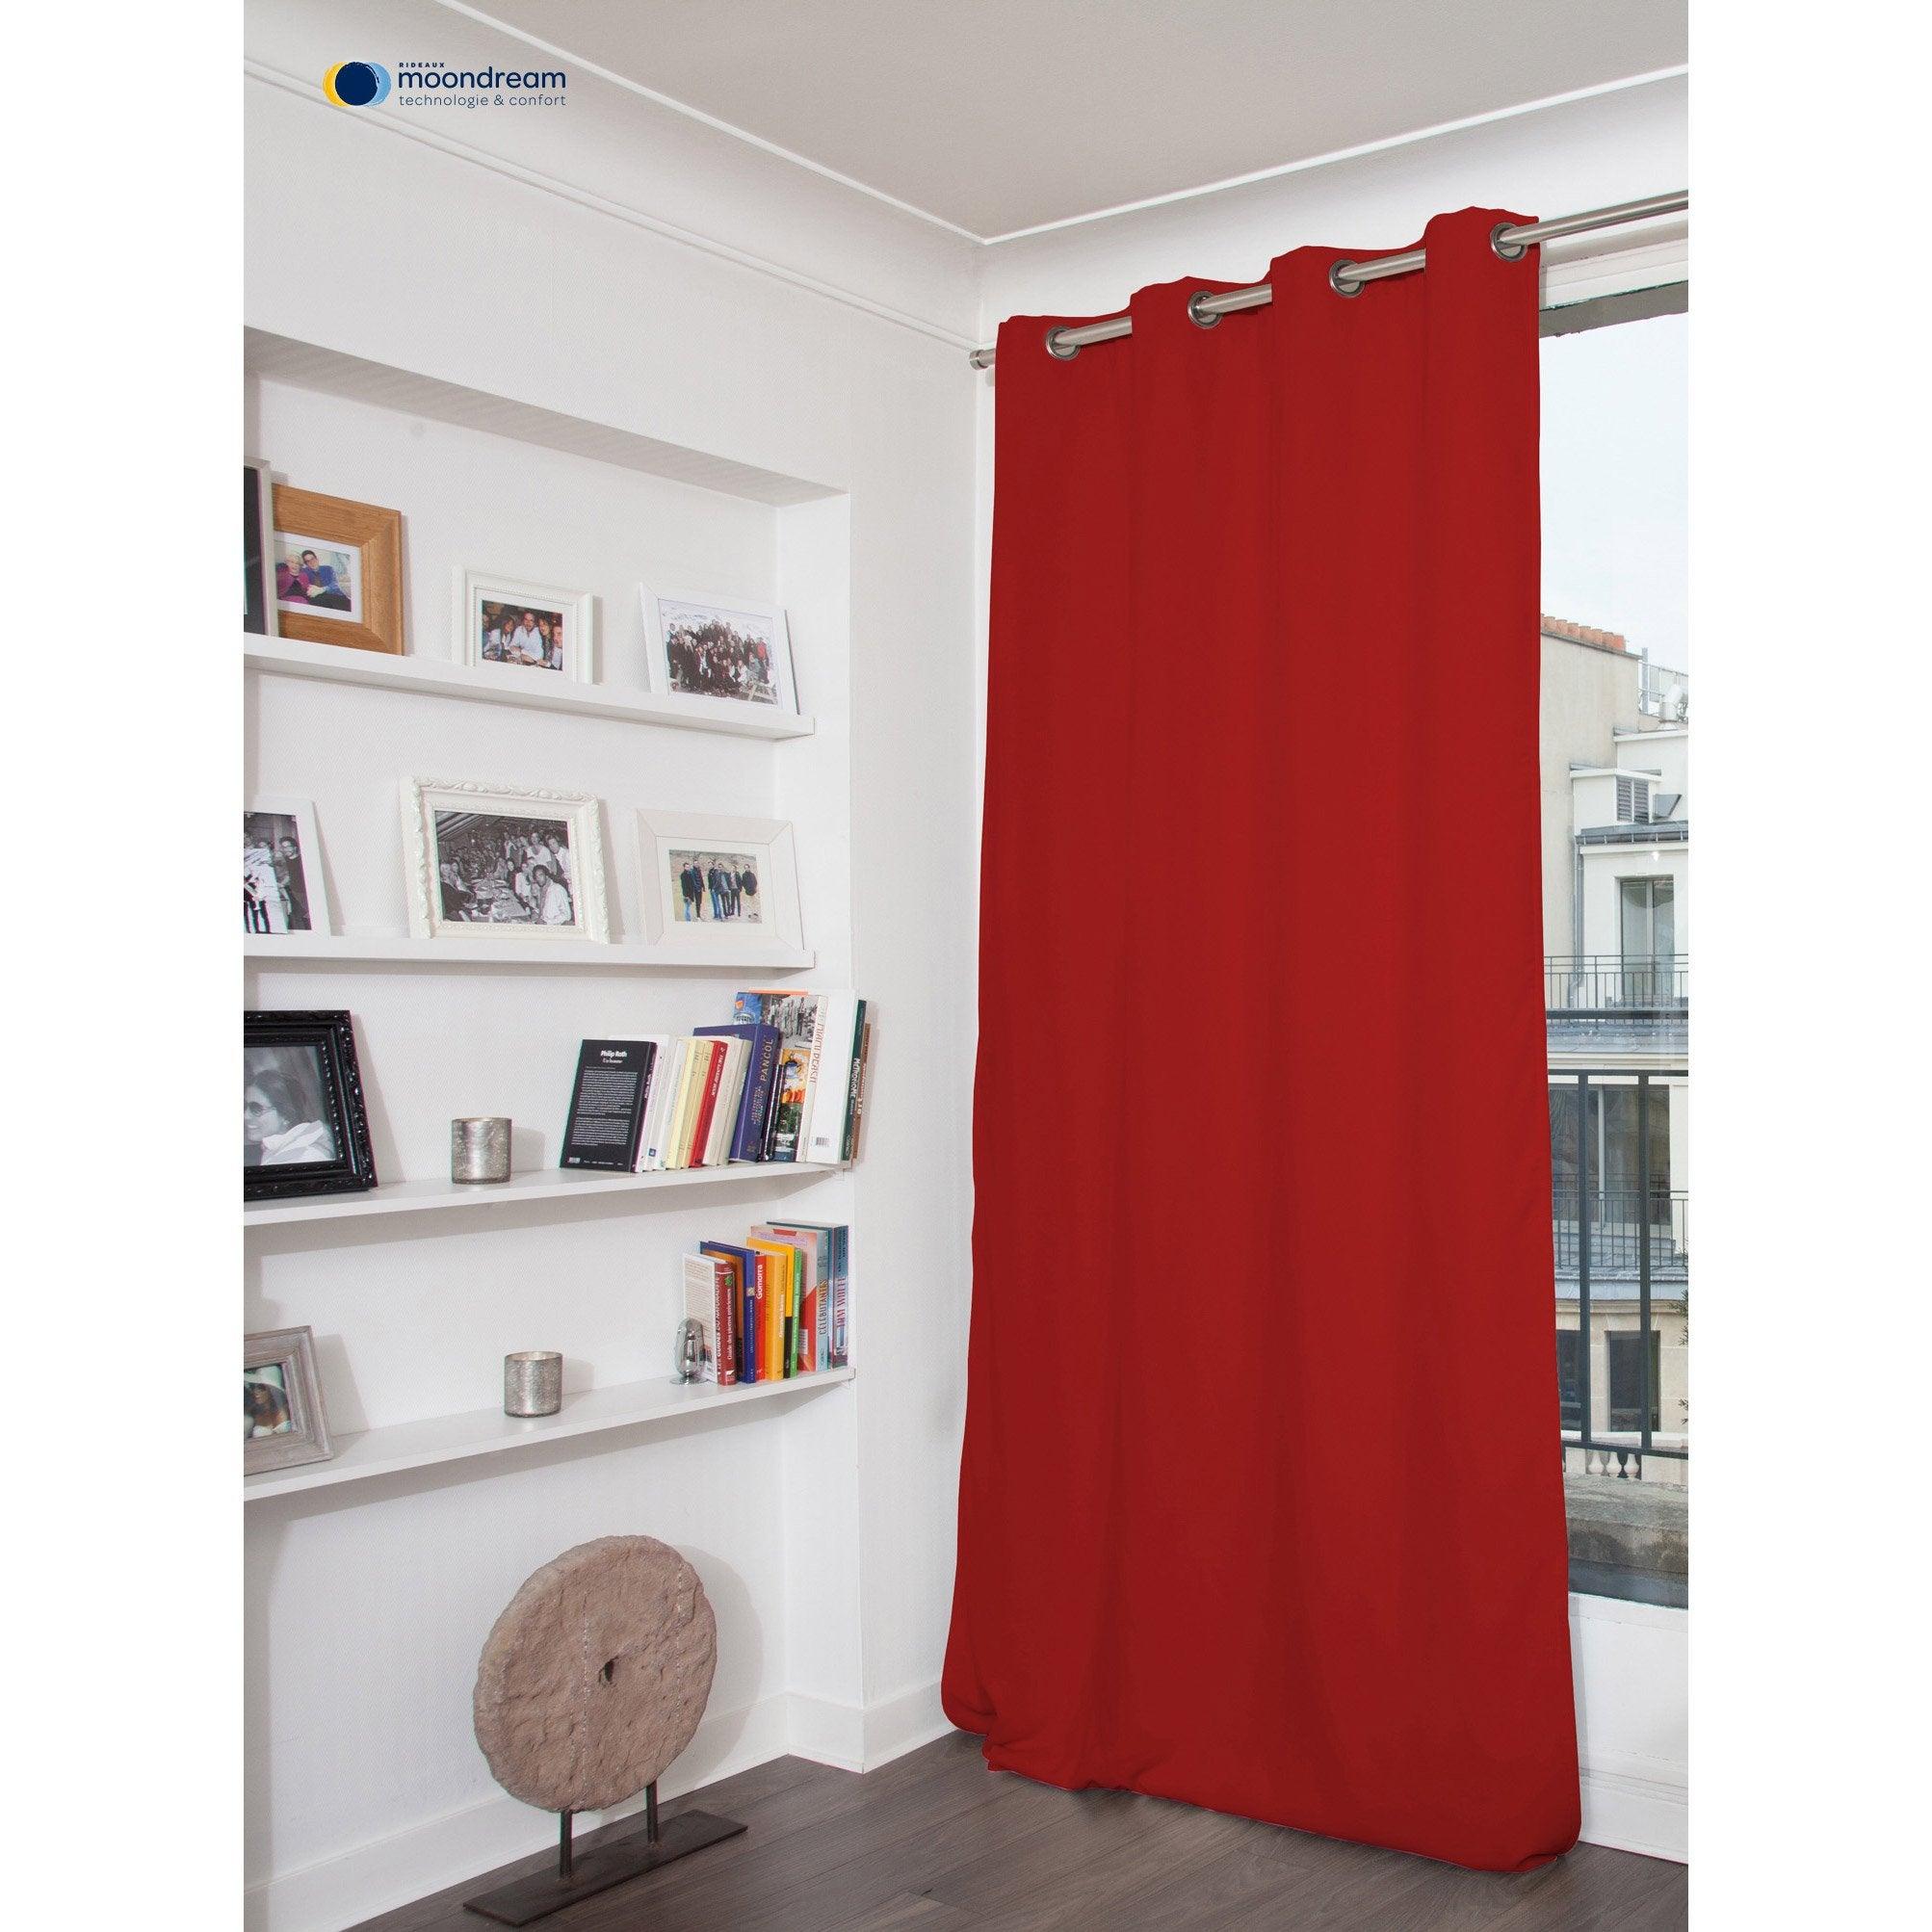 rideau occultant thermique et phonique rouge x cm moondream leroy merlin. Black Bedroom Furniture Sets. Home Design Ideas